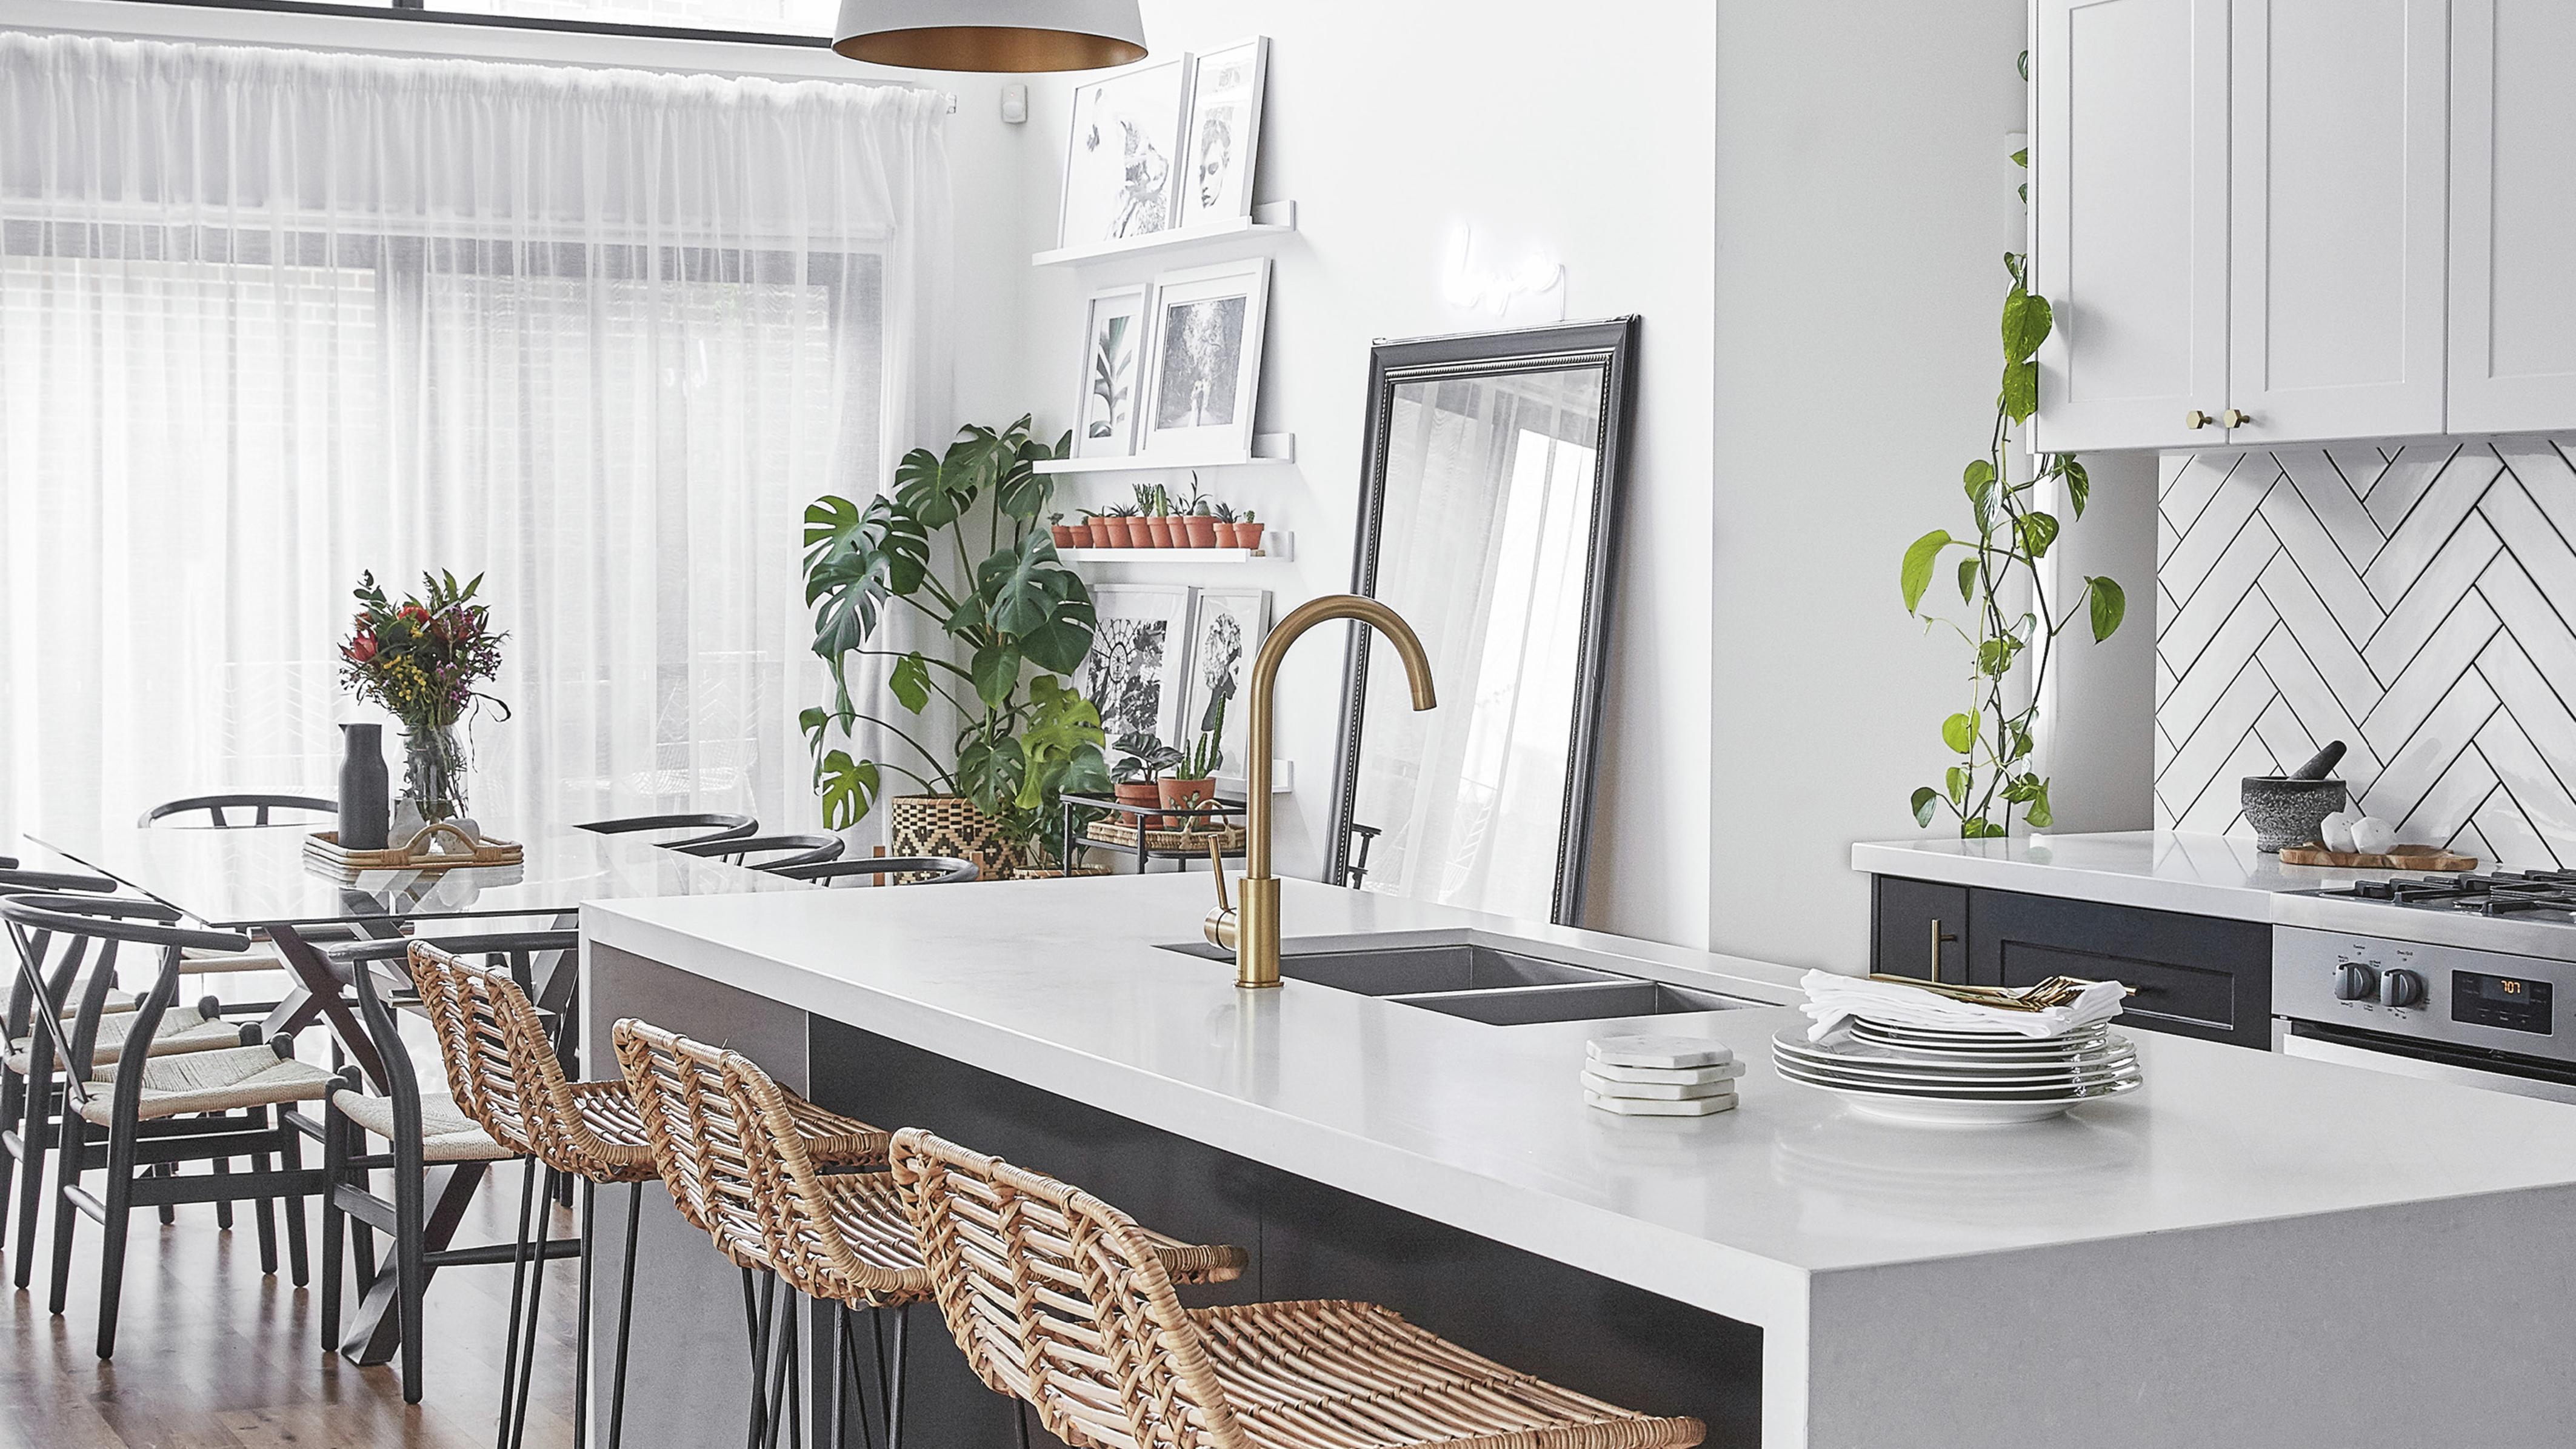 Modern kitchen with white laminate kitchen benchtop featured.